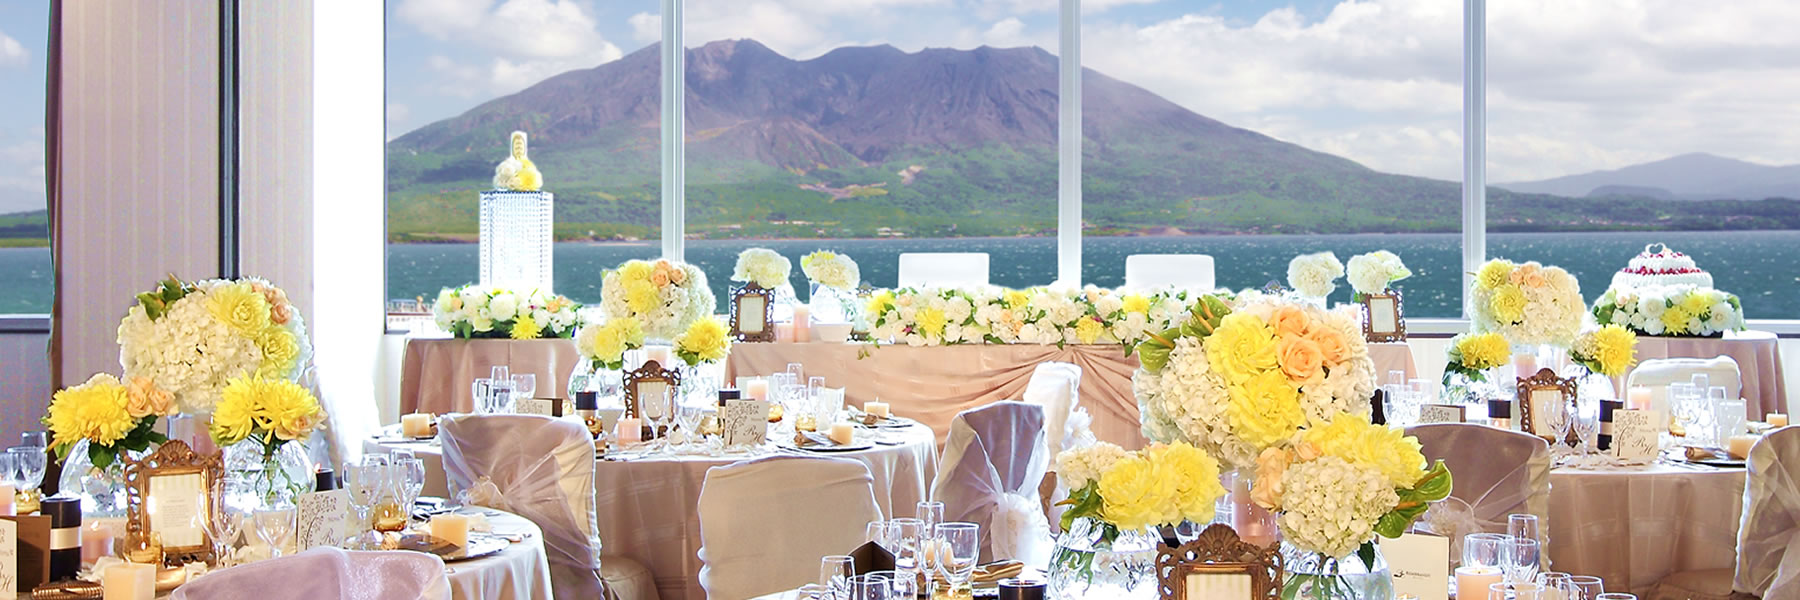 大隅|披露宴会場|レンブラントホテル鹿児島【公式】婚礼サイト